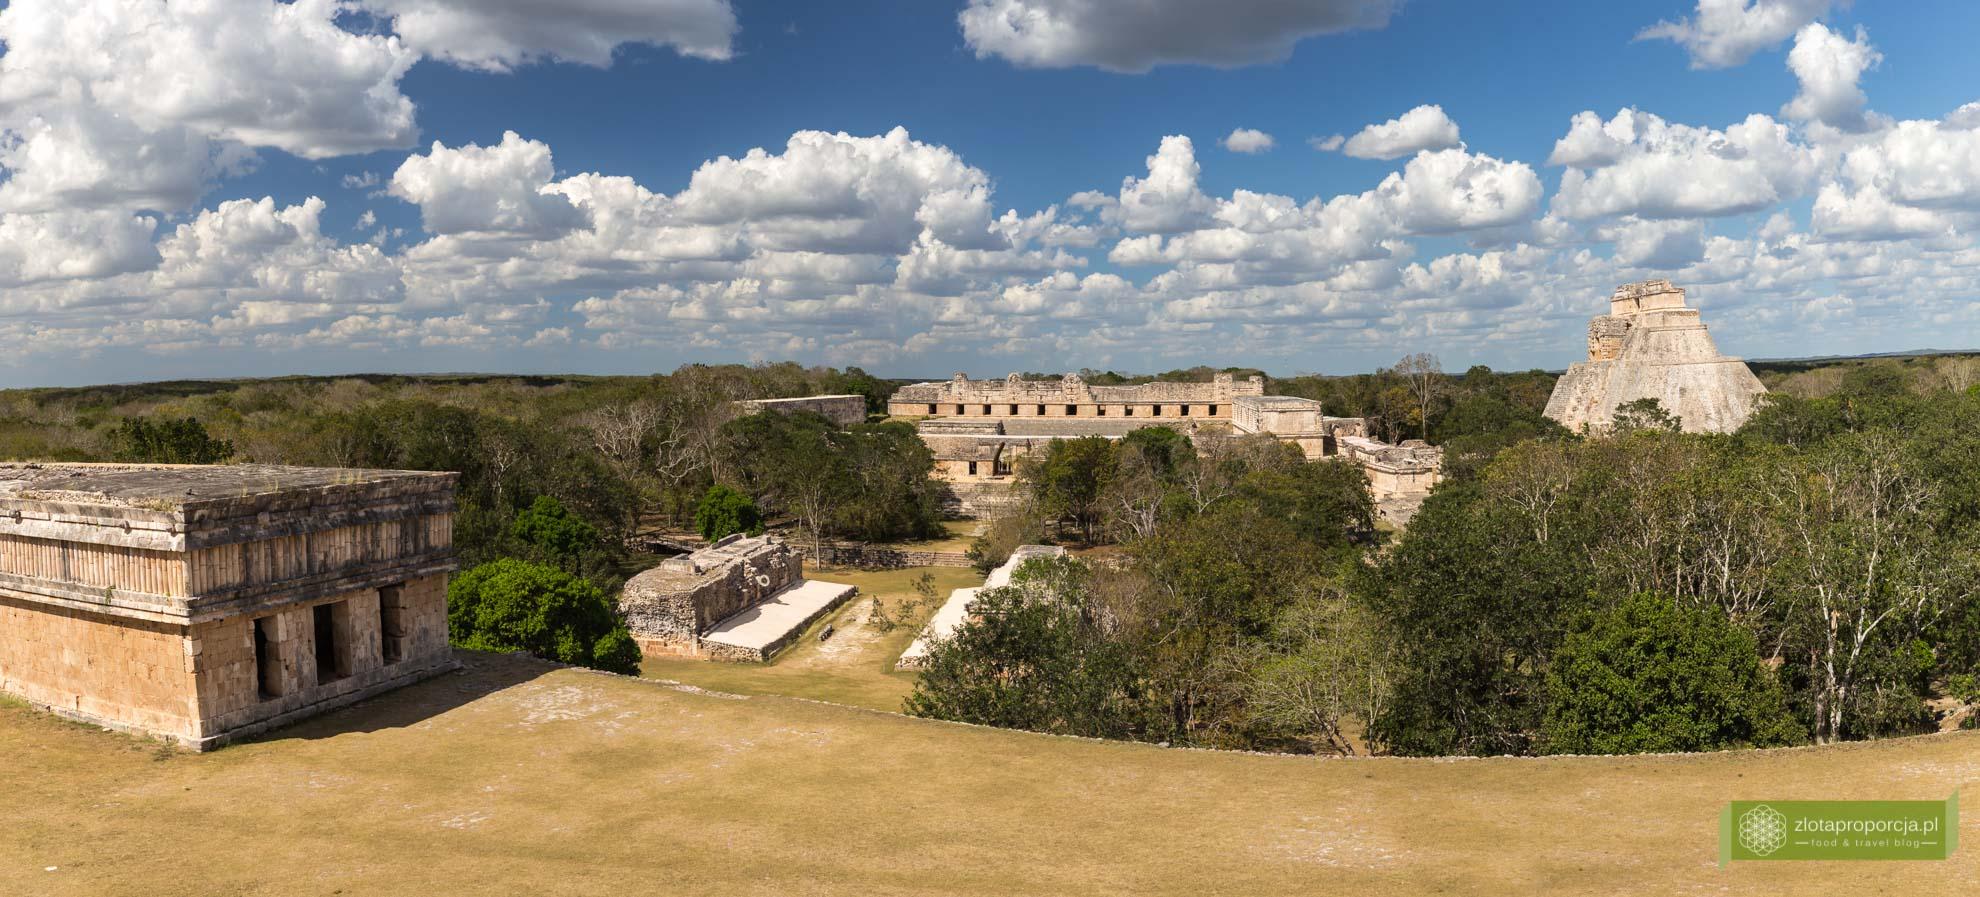 Meksyk, Miasta Majów, strefy archeologiczne na Jukatanie; Majowie budowle, Miasta Majów Meksyk, Majowie osiągnięcia; Uxmal, Miasta Majów Jukatan, strefa archeologiczna Uxmal, Ruta Puuc; Pałac Gubernatora Uxmal, Piramida Wróżbity;